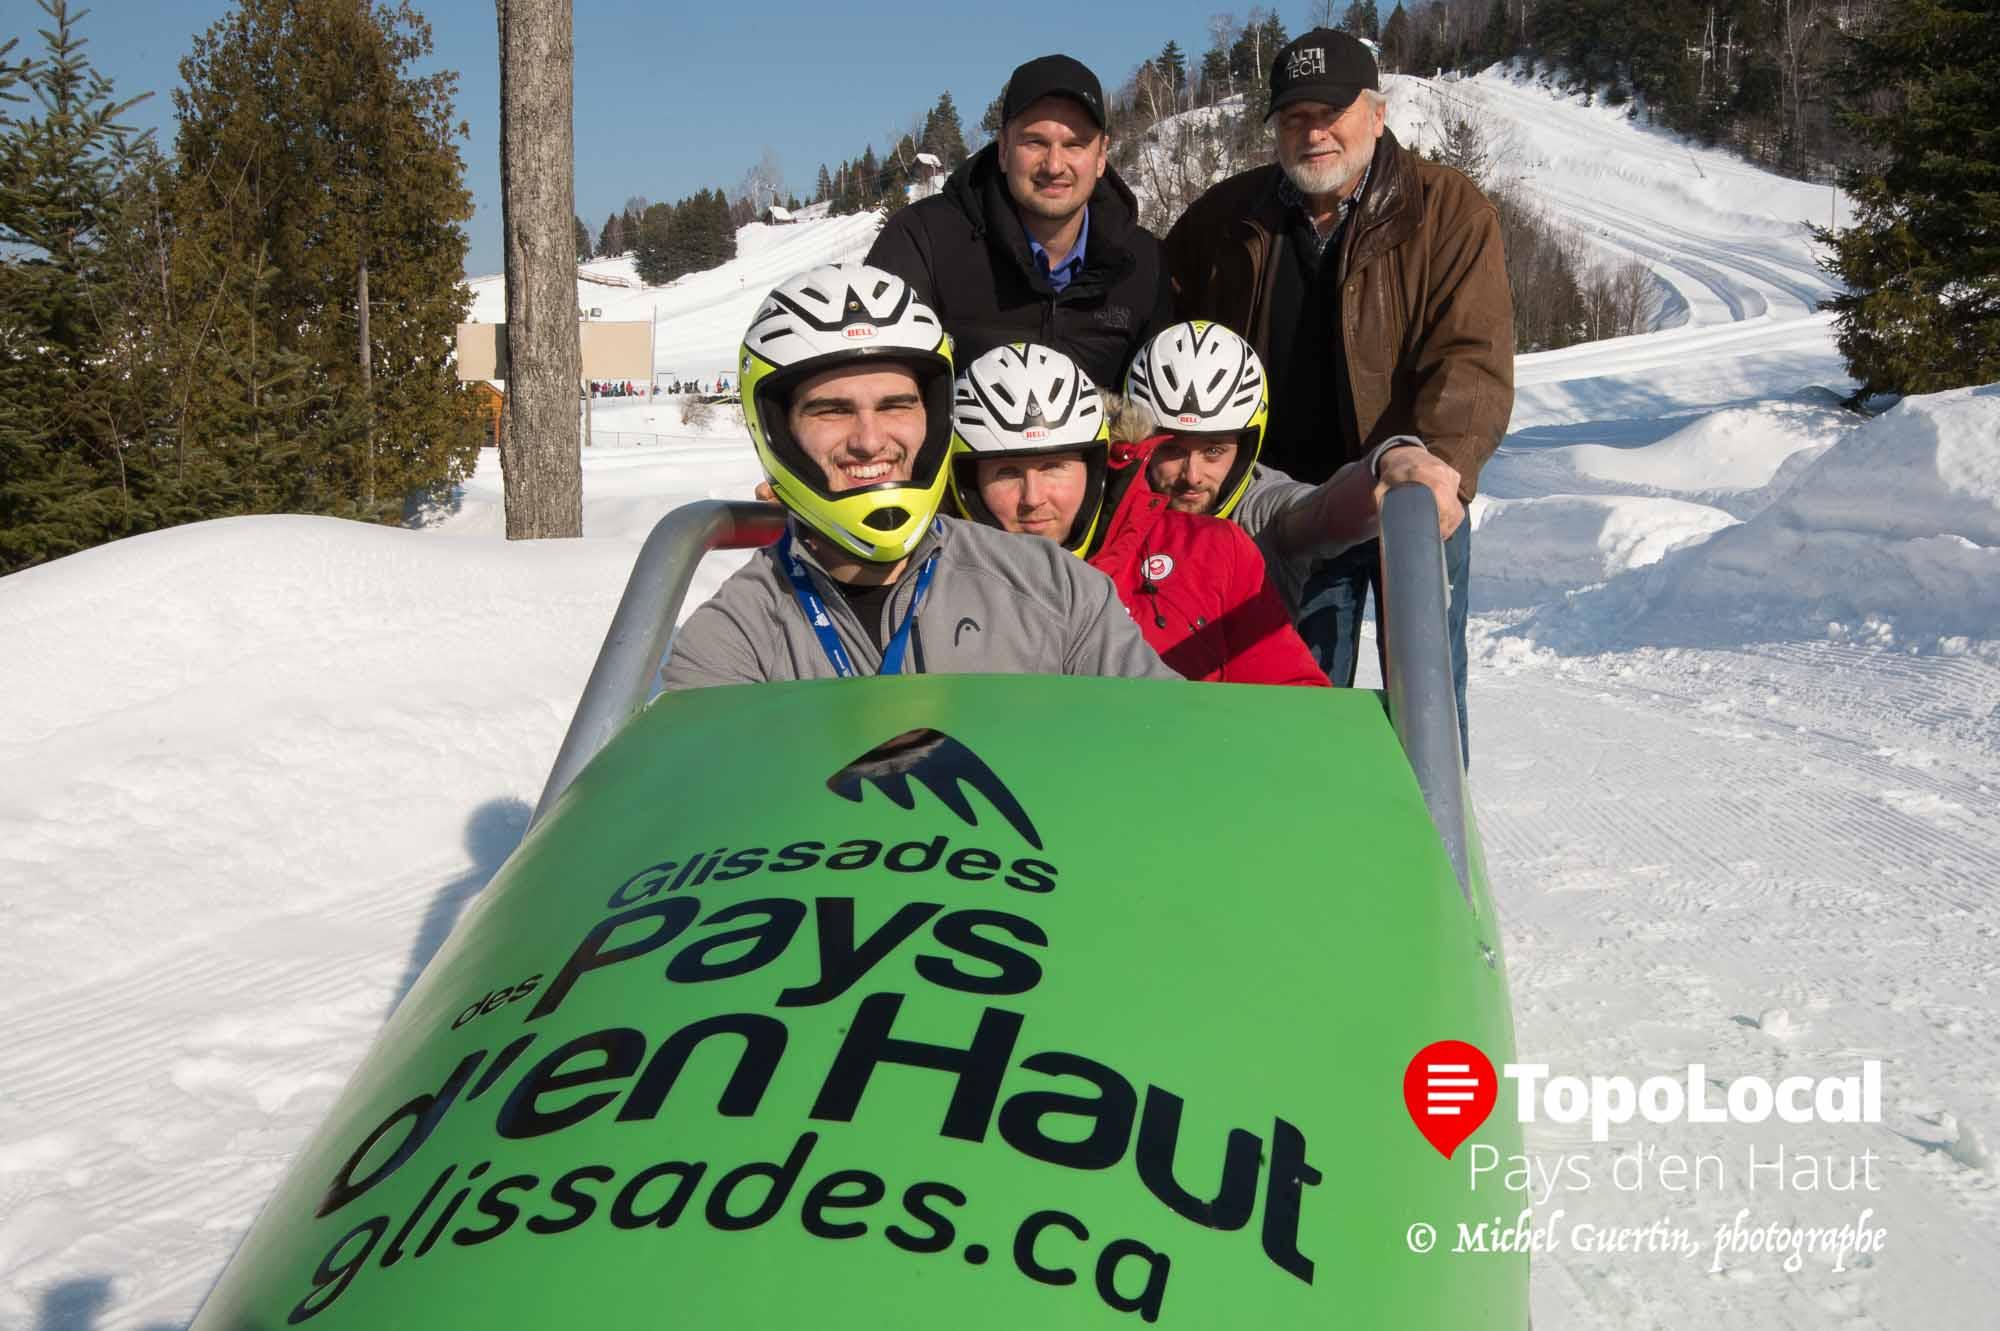 Dans le bobsleigh, les athlètes William Auclair, Yannik Morin et Gabriel Chiasson, poussés par Nicolas et Mercier Raymond, concepteurs des bolides.